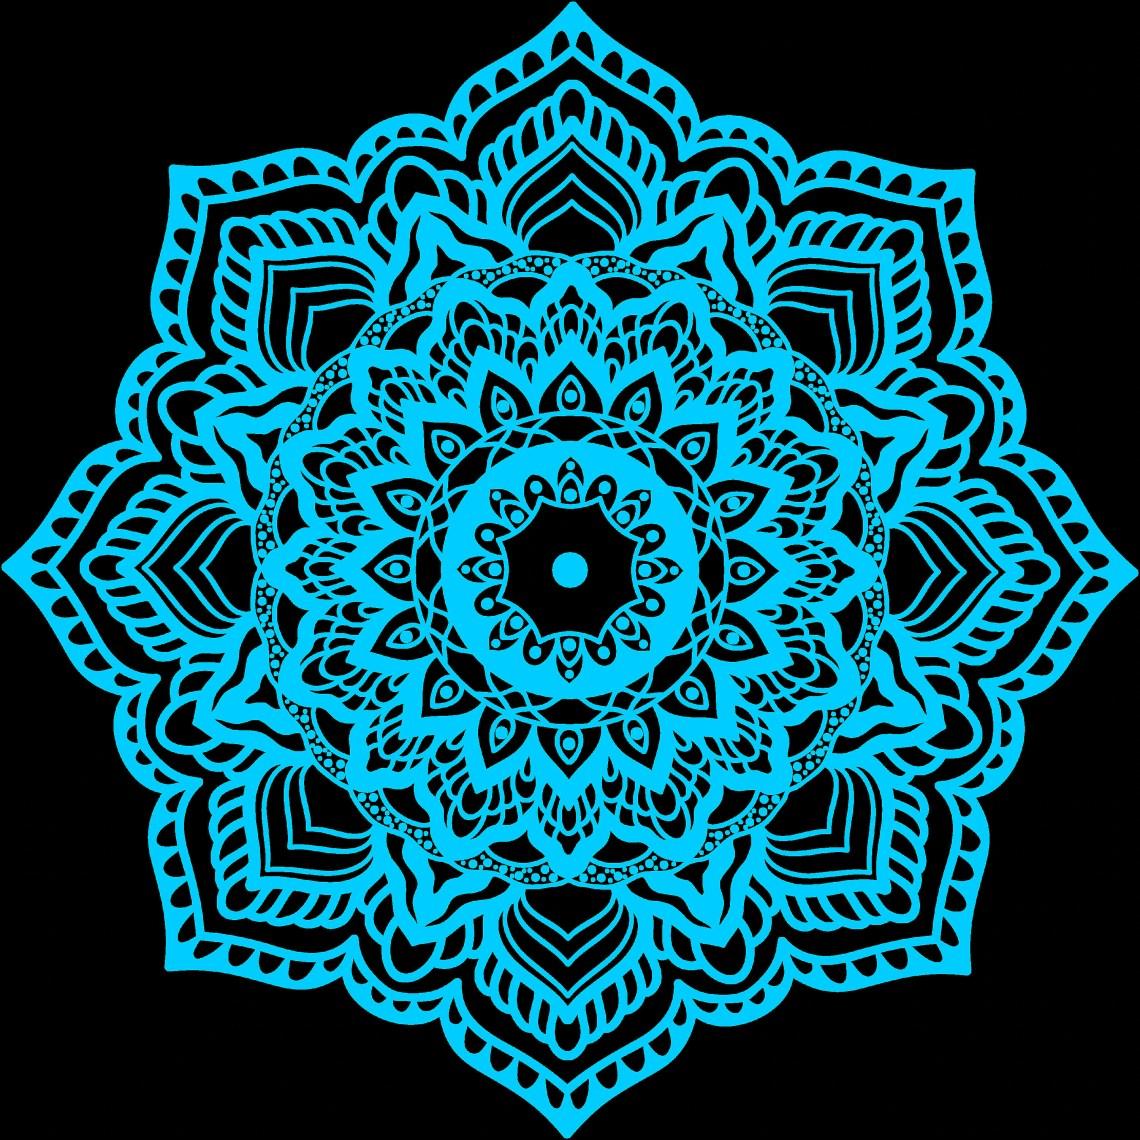 Download Mandala SVG.Mandala Drawing.Mandala vector clipart ...